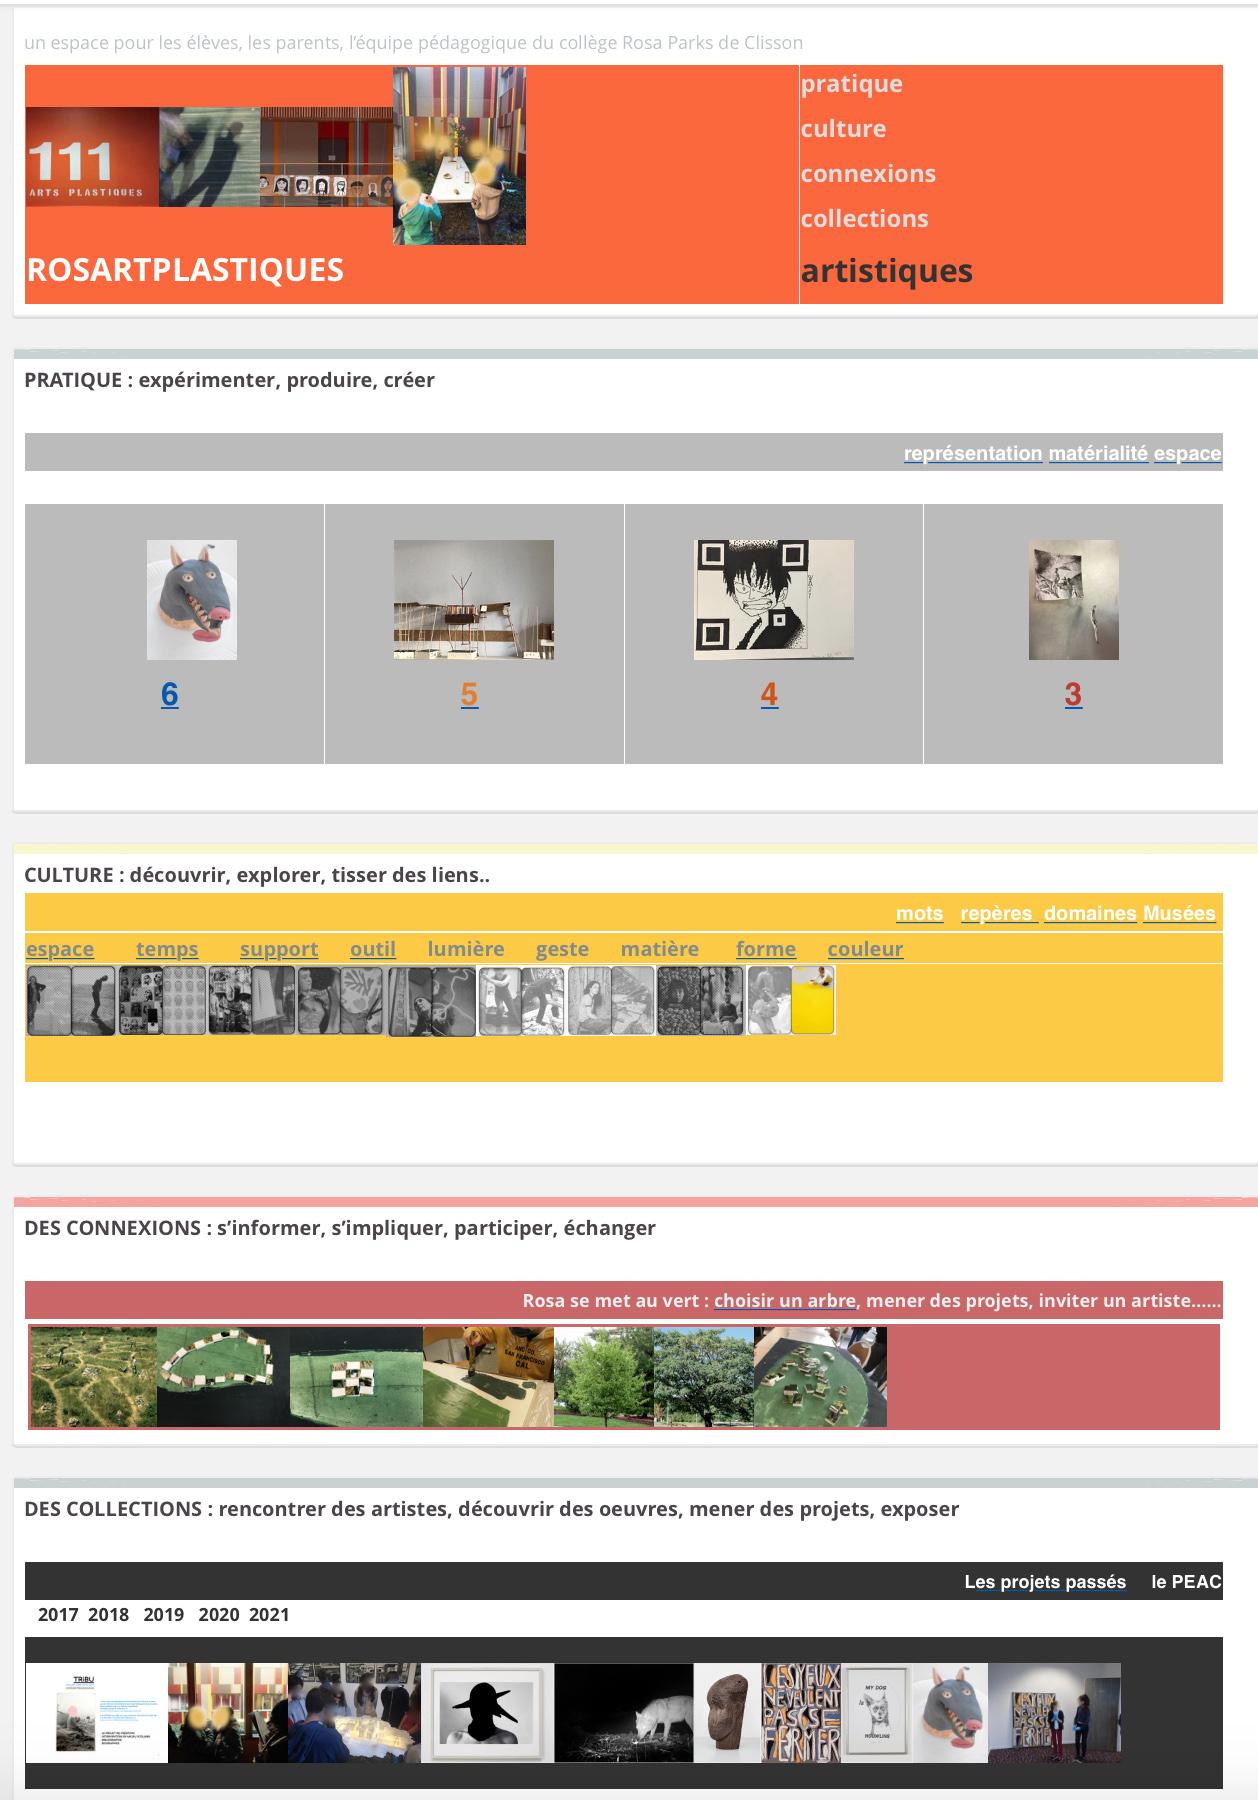 Pratique, culture, connexions, collections